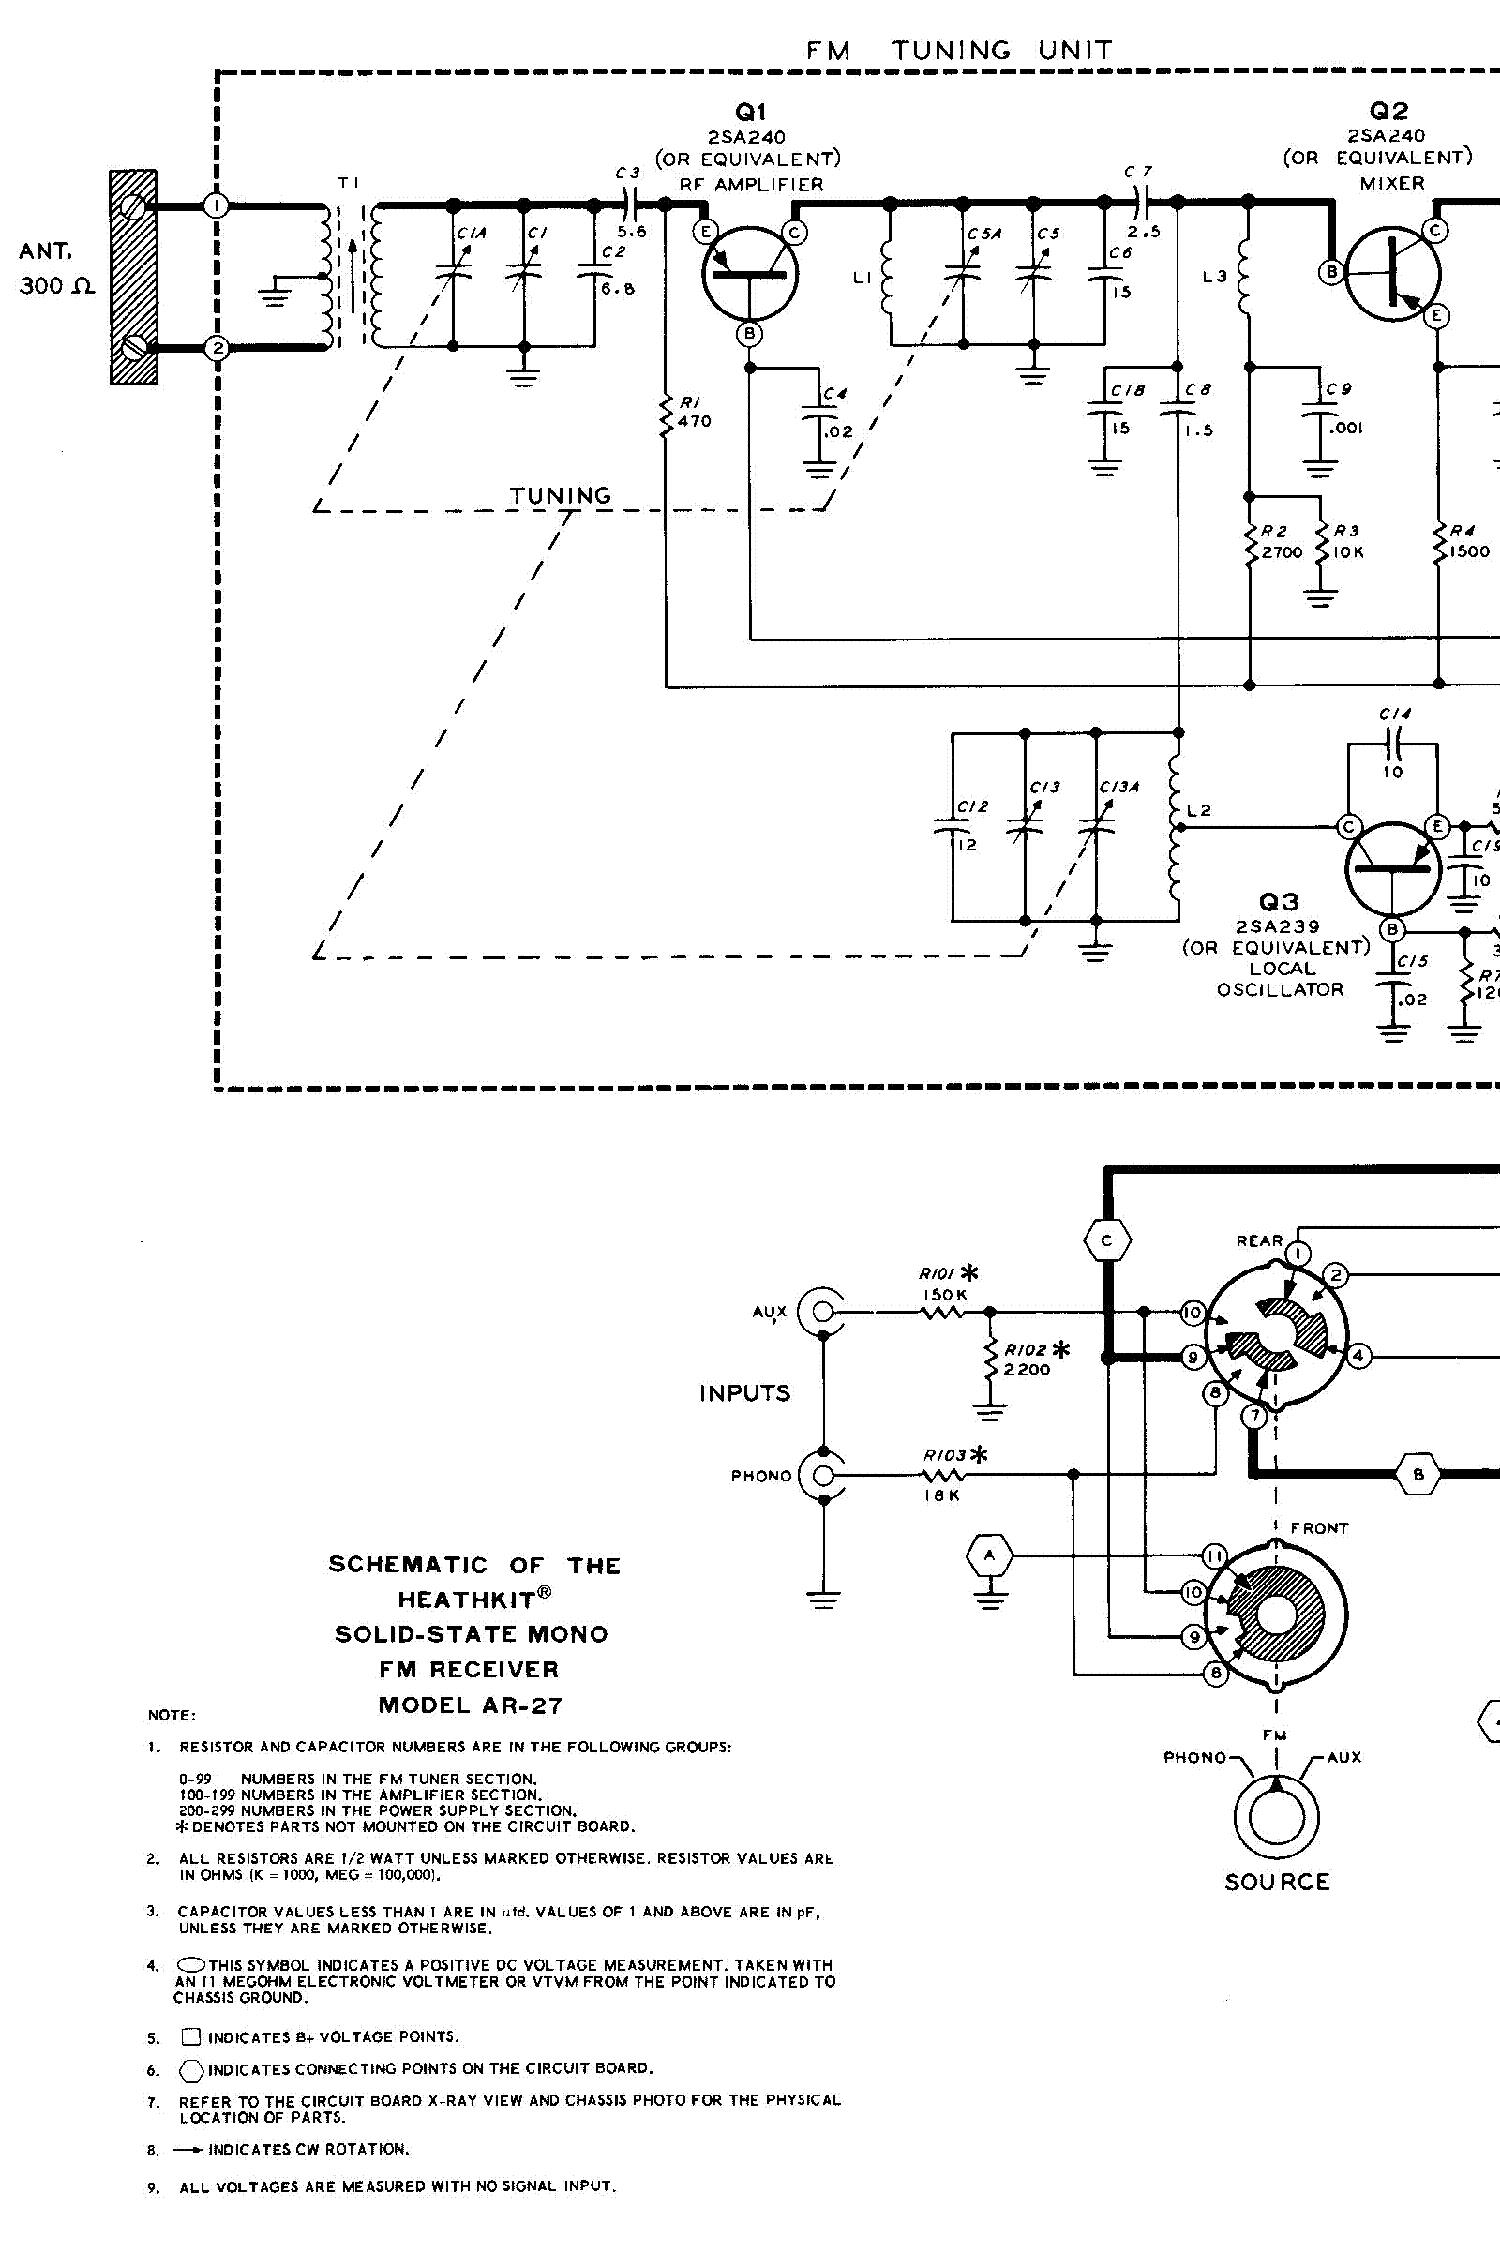 Heathkit Et 1000 Etw Circuit Design Trainer Sm Service Manual F M Receiver Diagram Free Ar 27 Solid State Fm